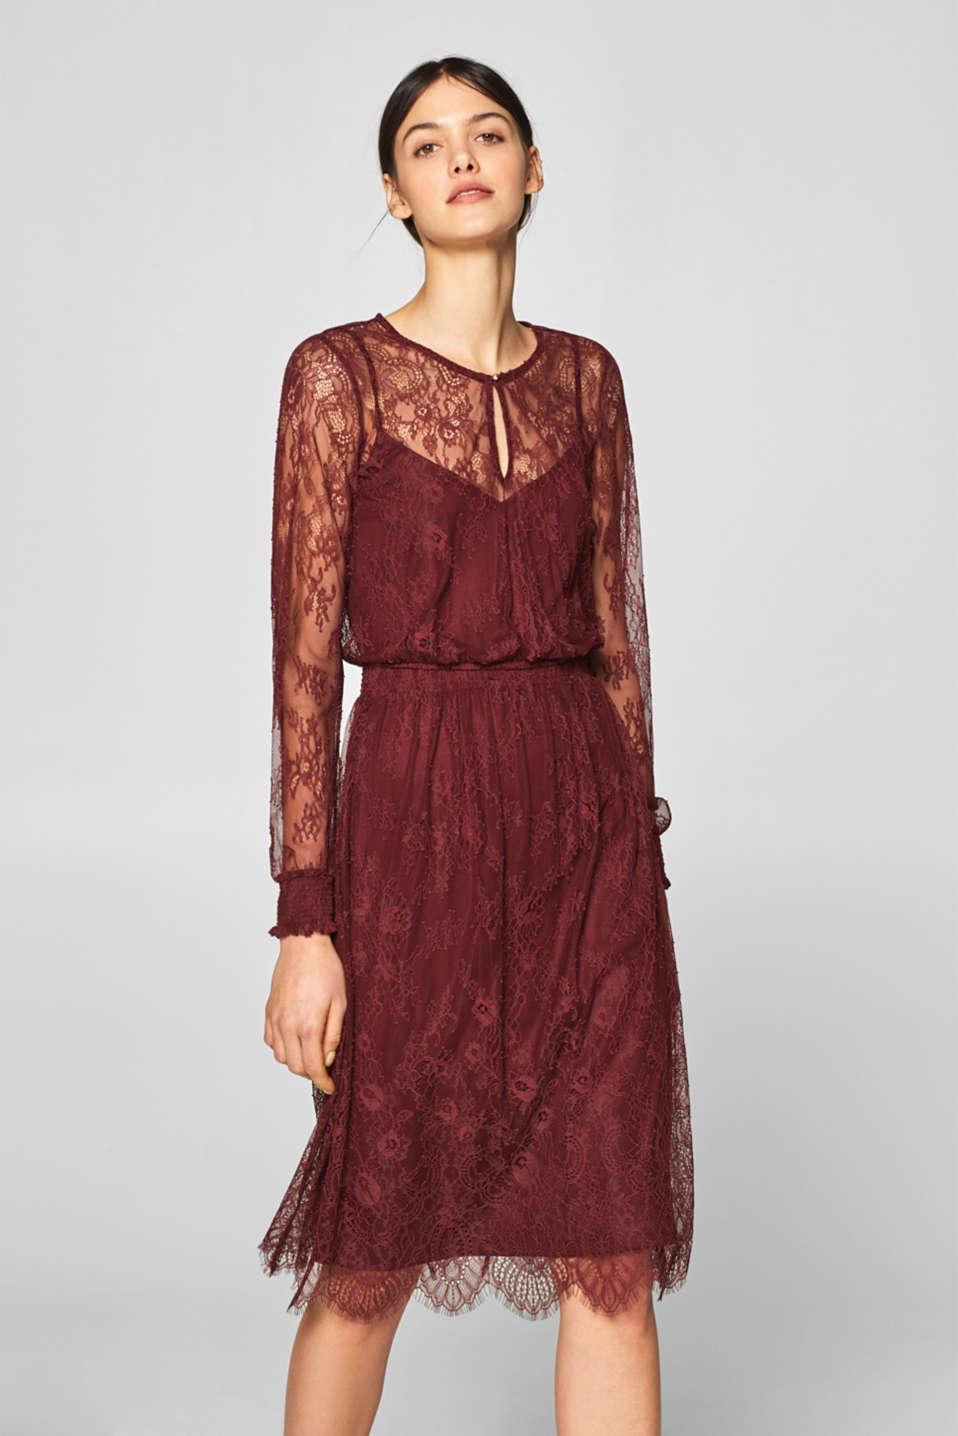 Esprit - Tvådelad spetsklänning. Tvådelad spetsklänning. Esprit - Tvådelad  spetsklänning i Esprits Online-Shop b0ec144822c6c